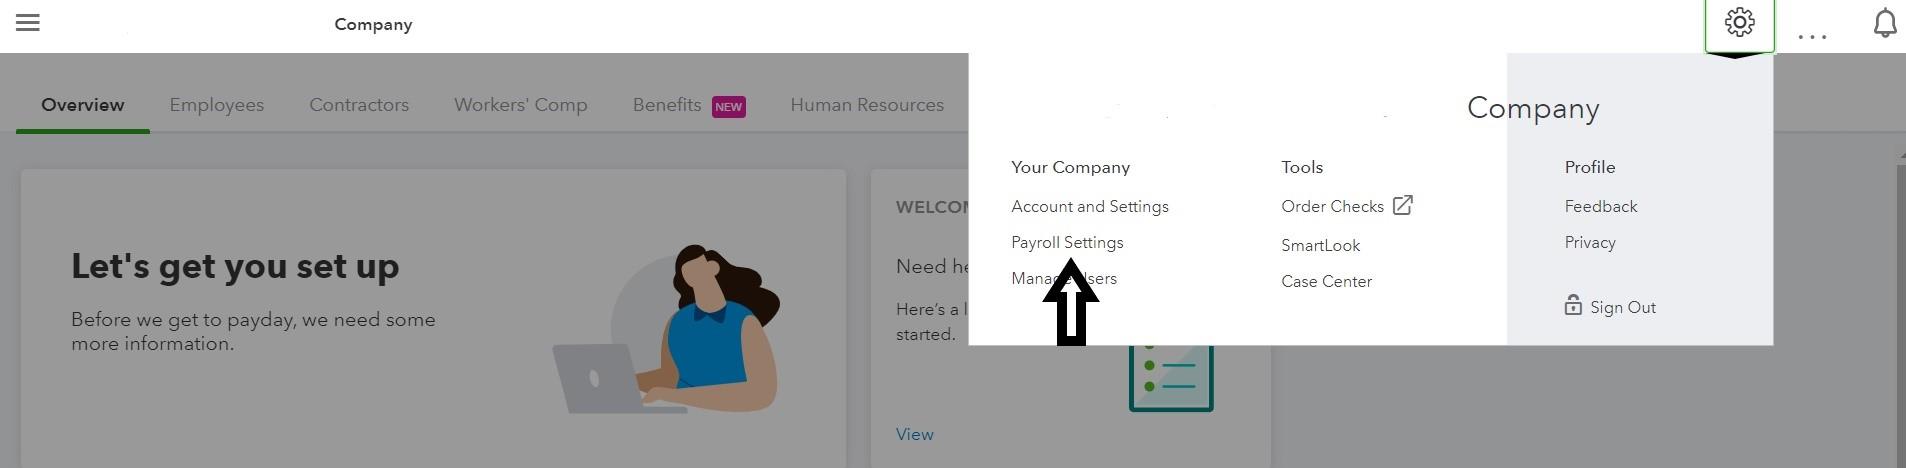 Location of Payroll Settings Menu under Settings